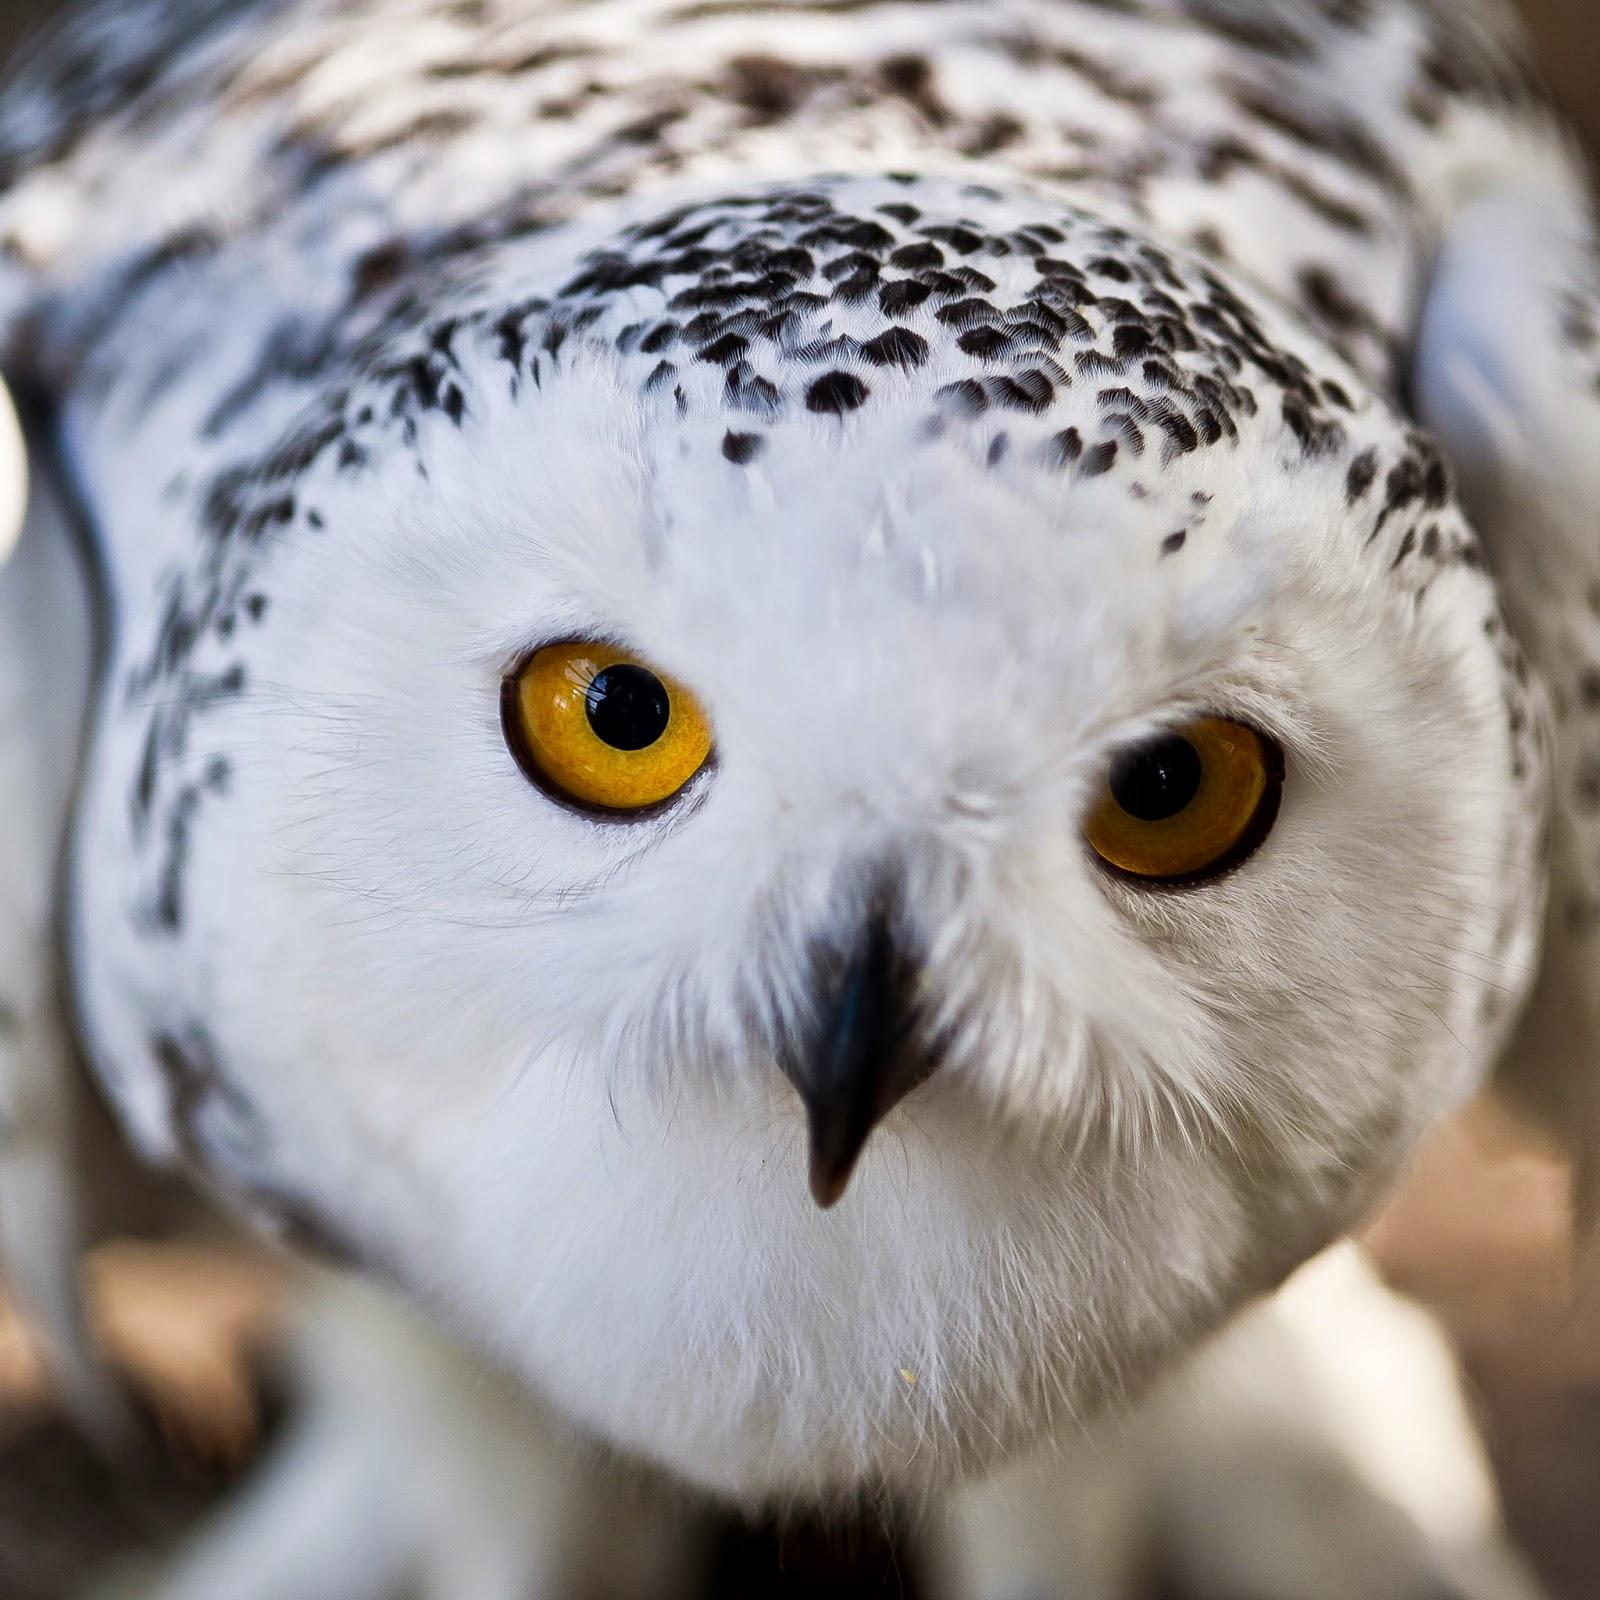 http://zoozon.blogspot.com/2014/12/gambar-burung-hantu-owl-bird-pictures-3.html